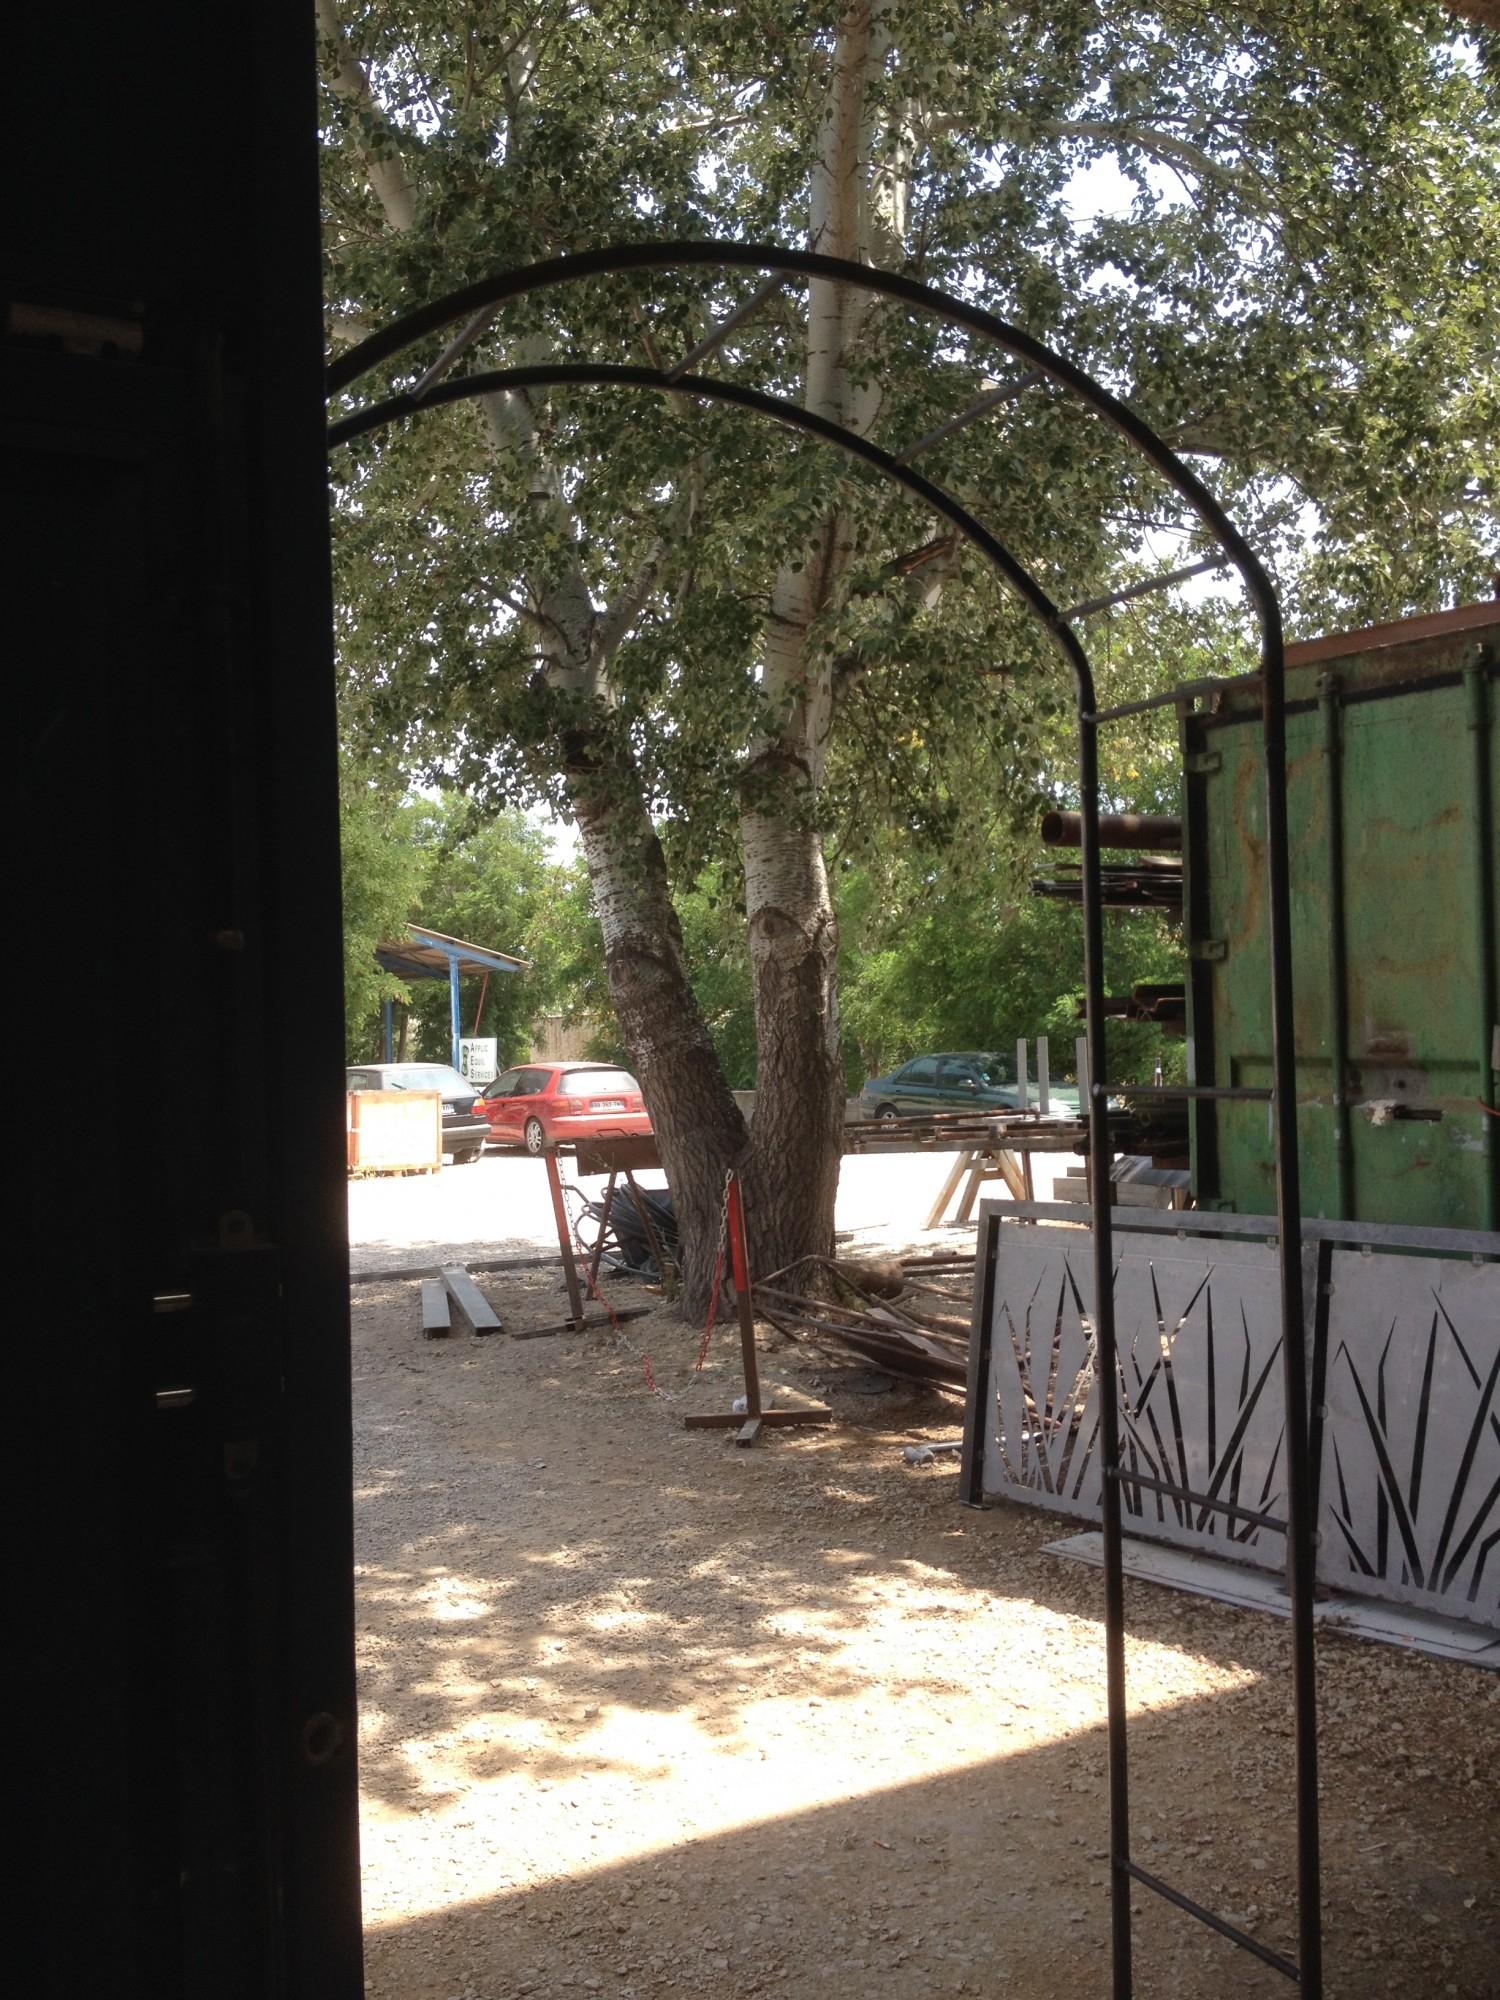 Arche De Jardin En Fer Forge A Martigues Fabrique Sur Mesure ... avec Arche De Jardin En Fer Forgé